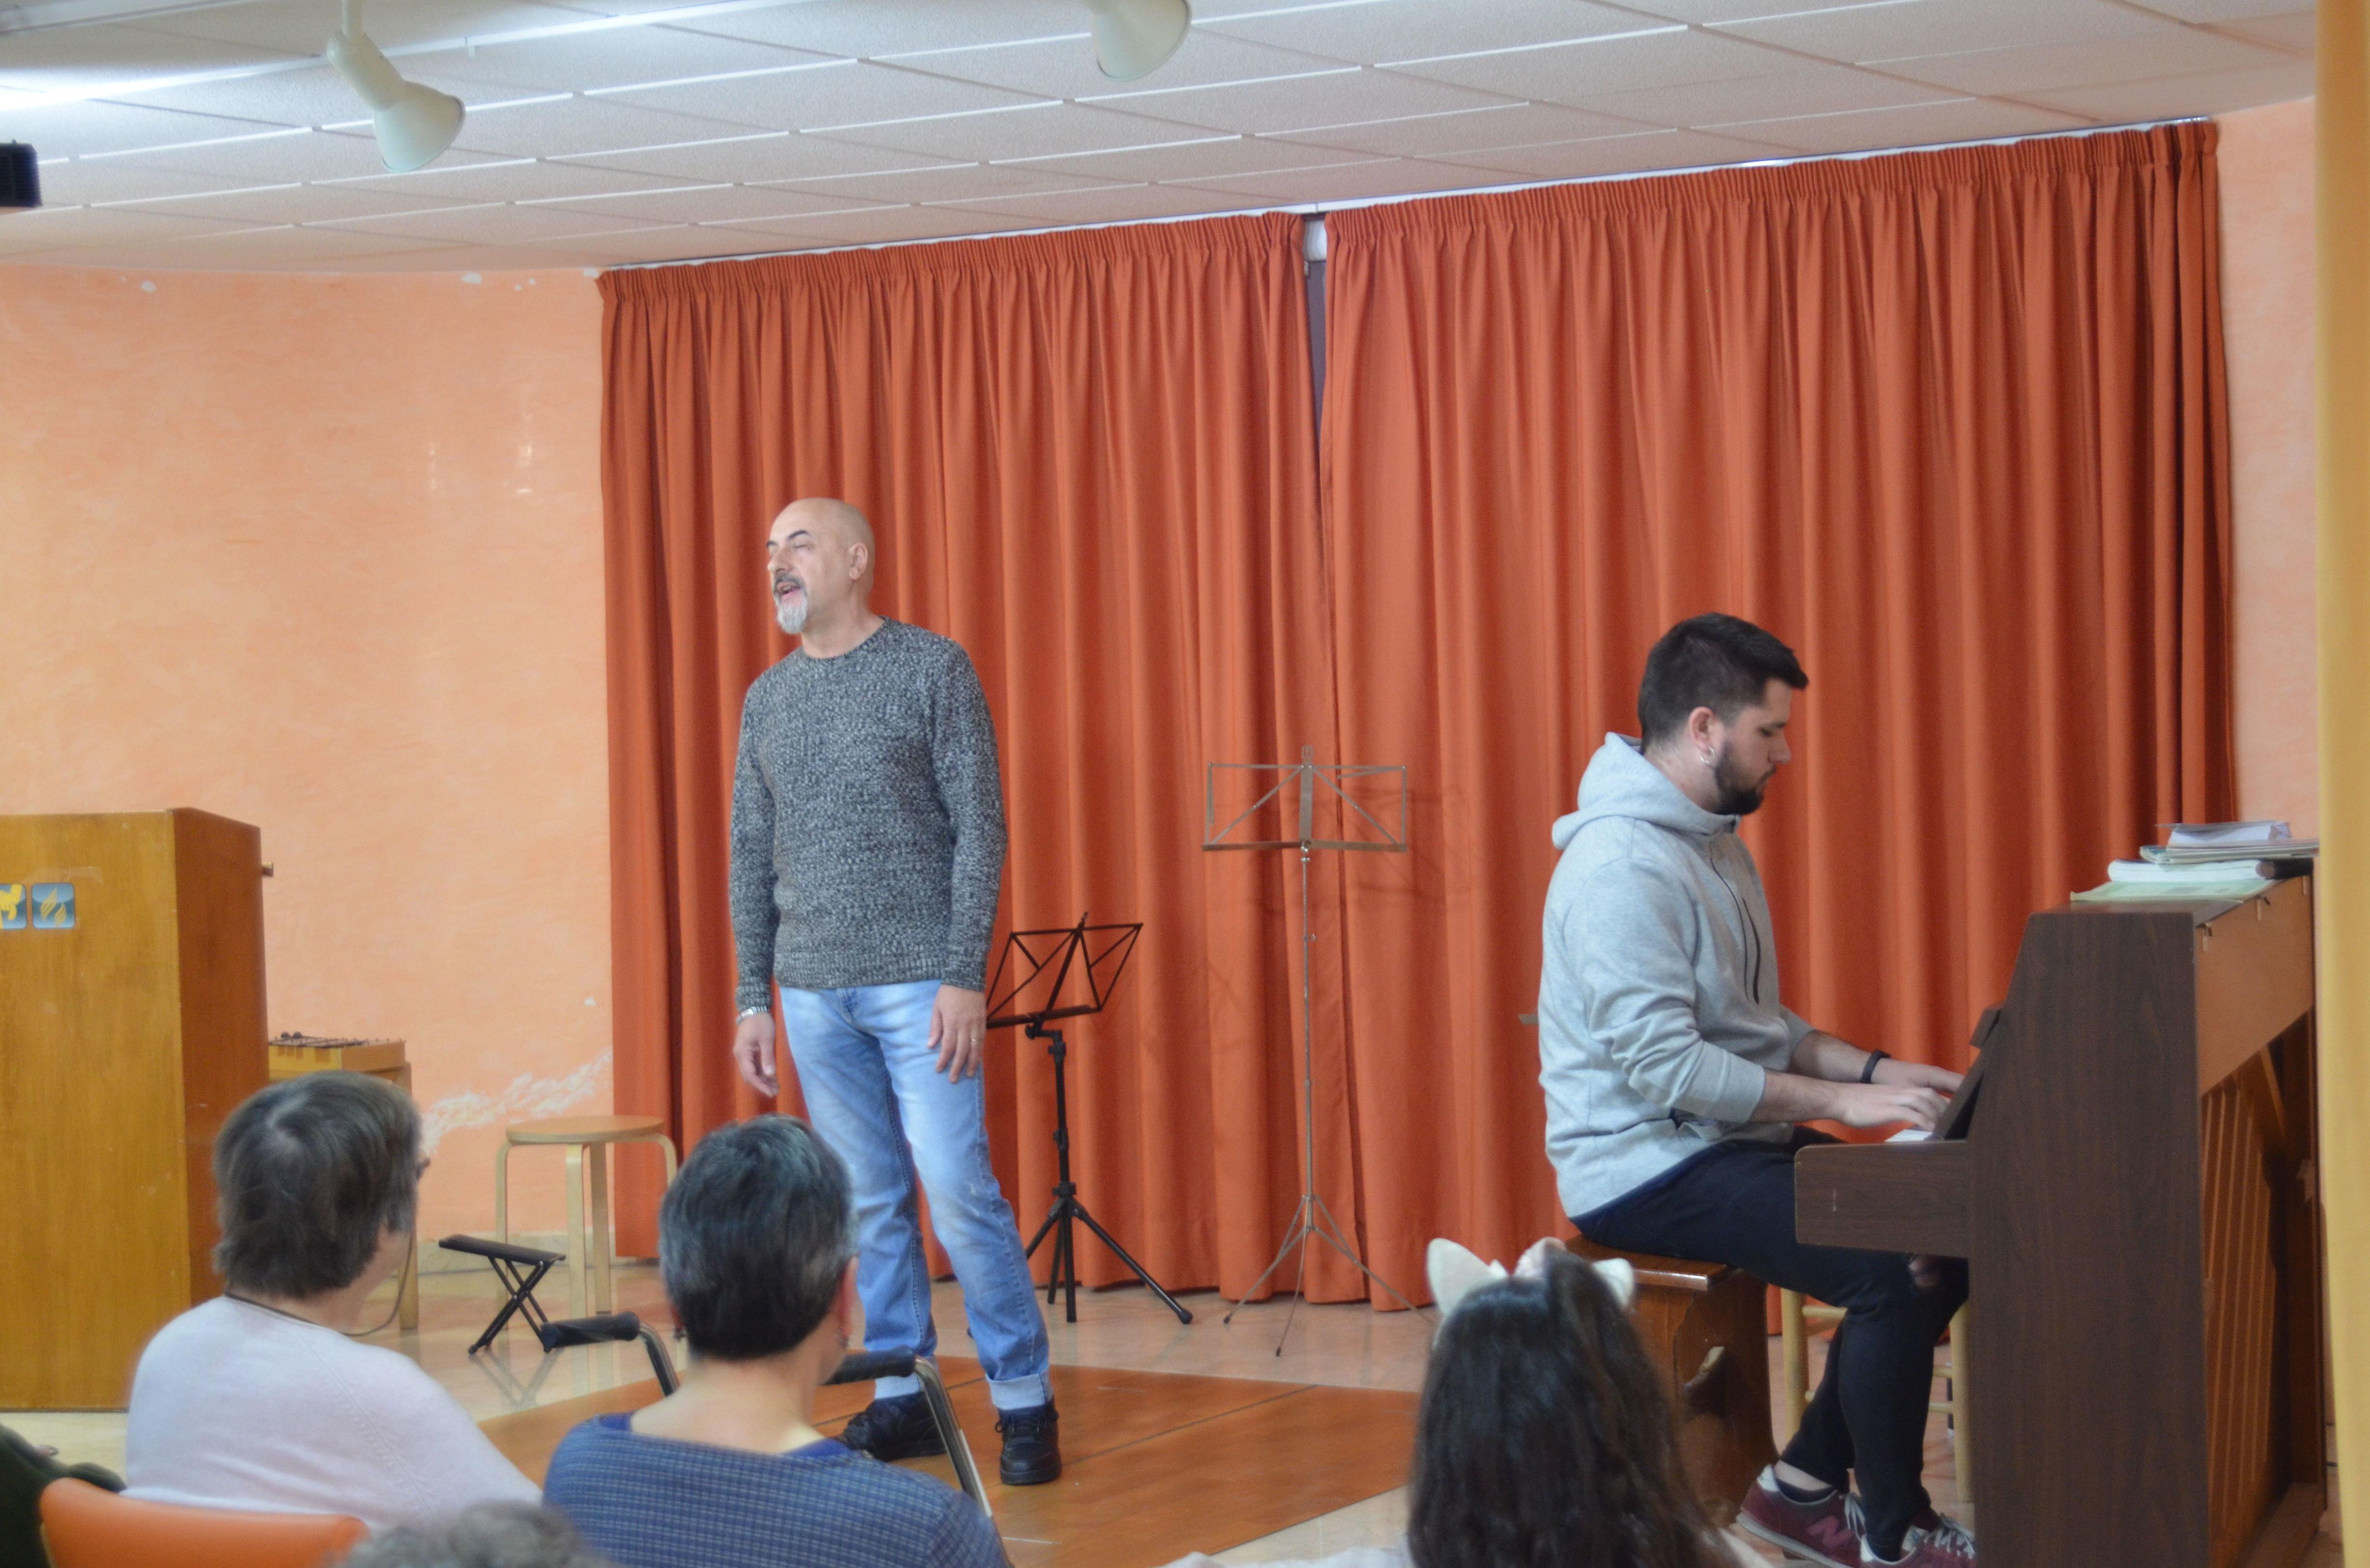 Foto 2 de Escuelas de música, danza e interpretación en Cardedeu | Can Canturri